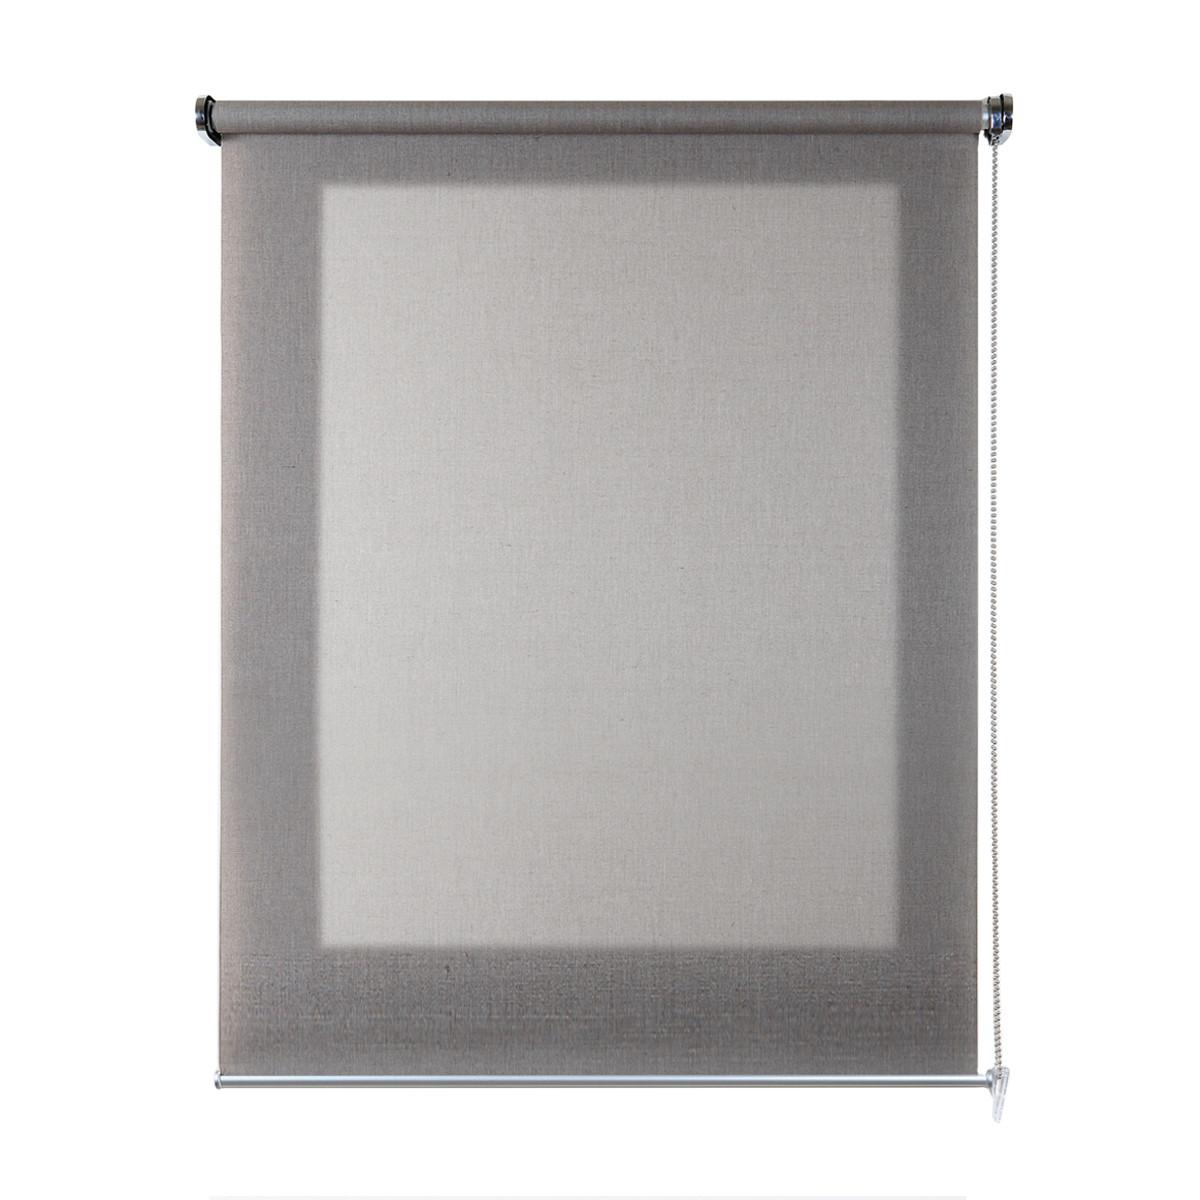 Tenda a rullo scandi marrone 80 x 180 cm prezzi e offerte - Tende esterni ikea ...